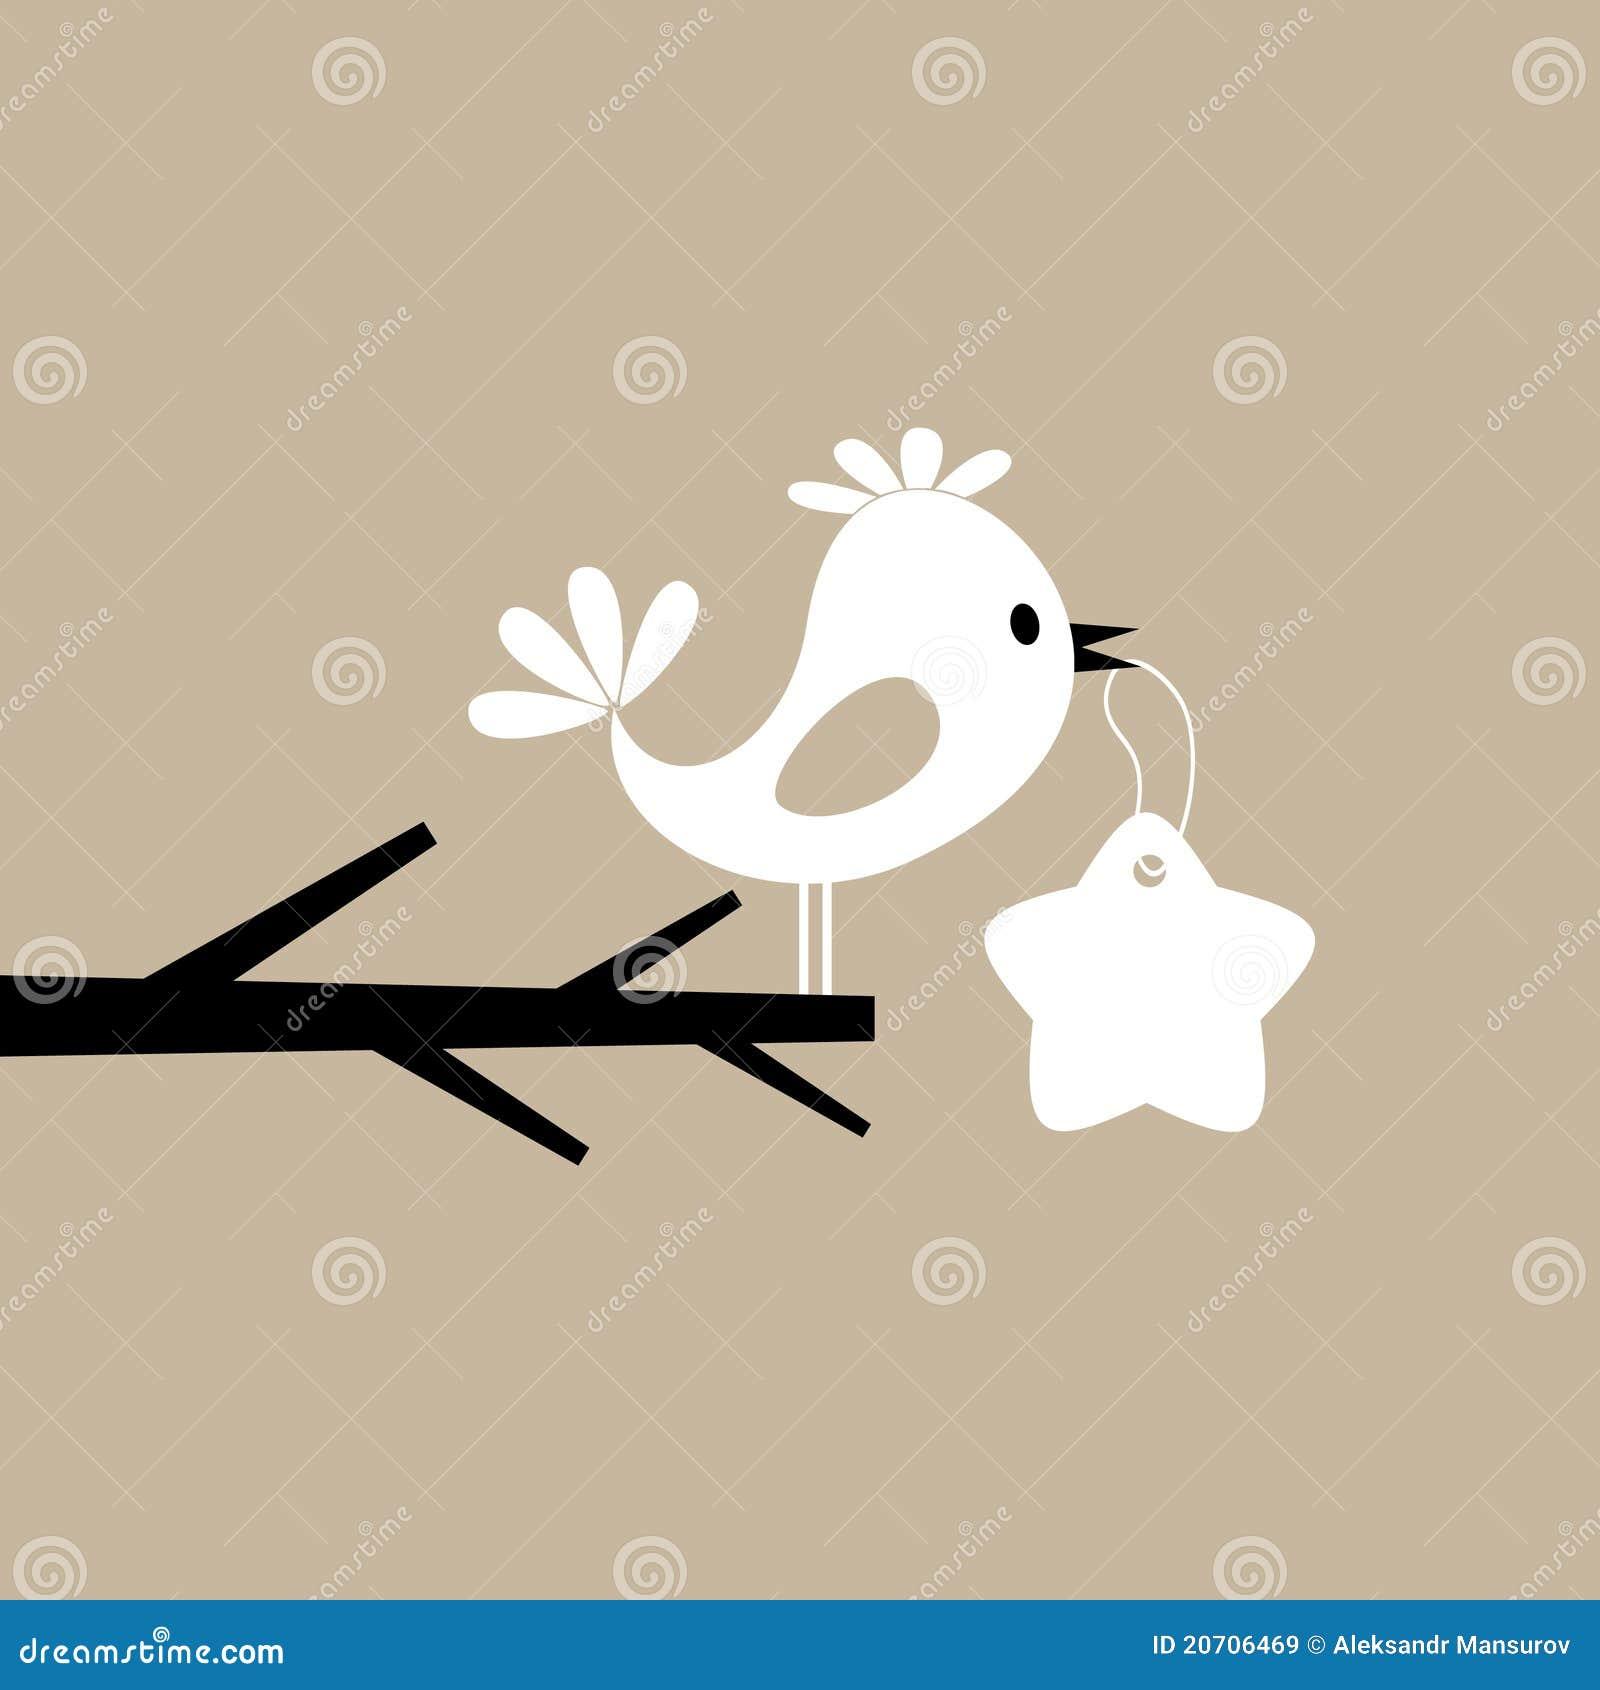 Bird on a tree5